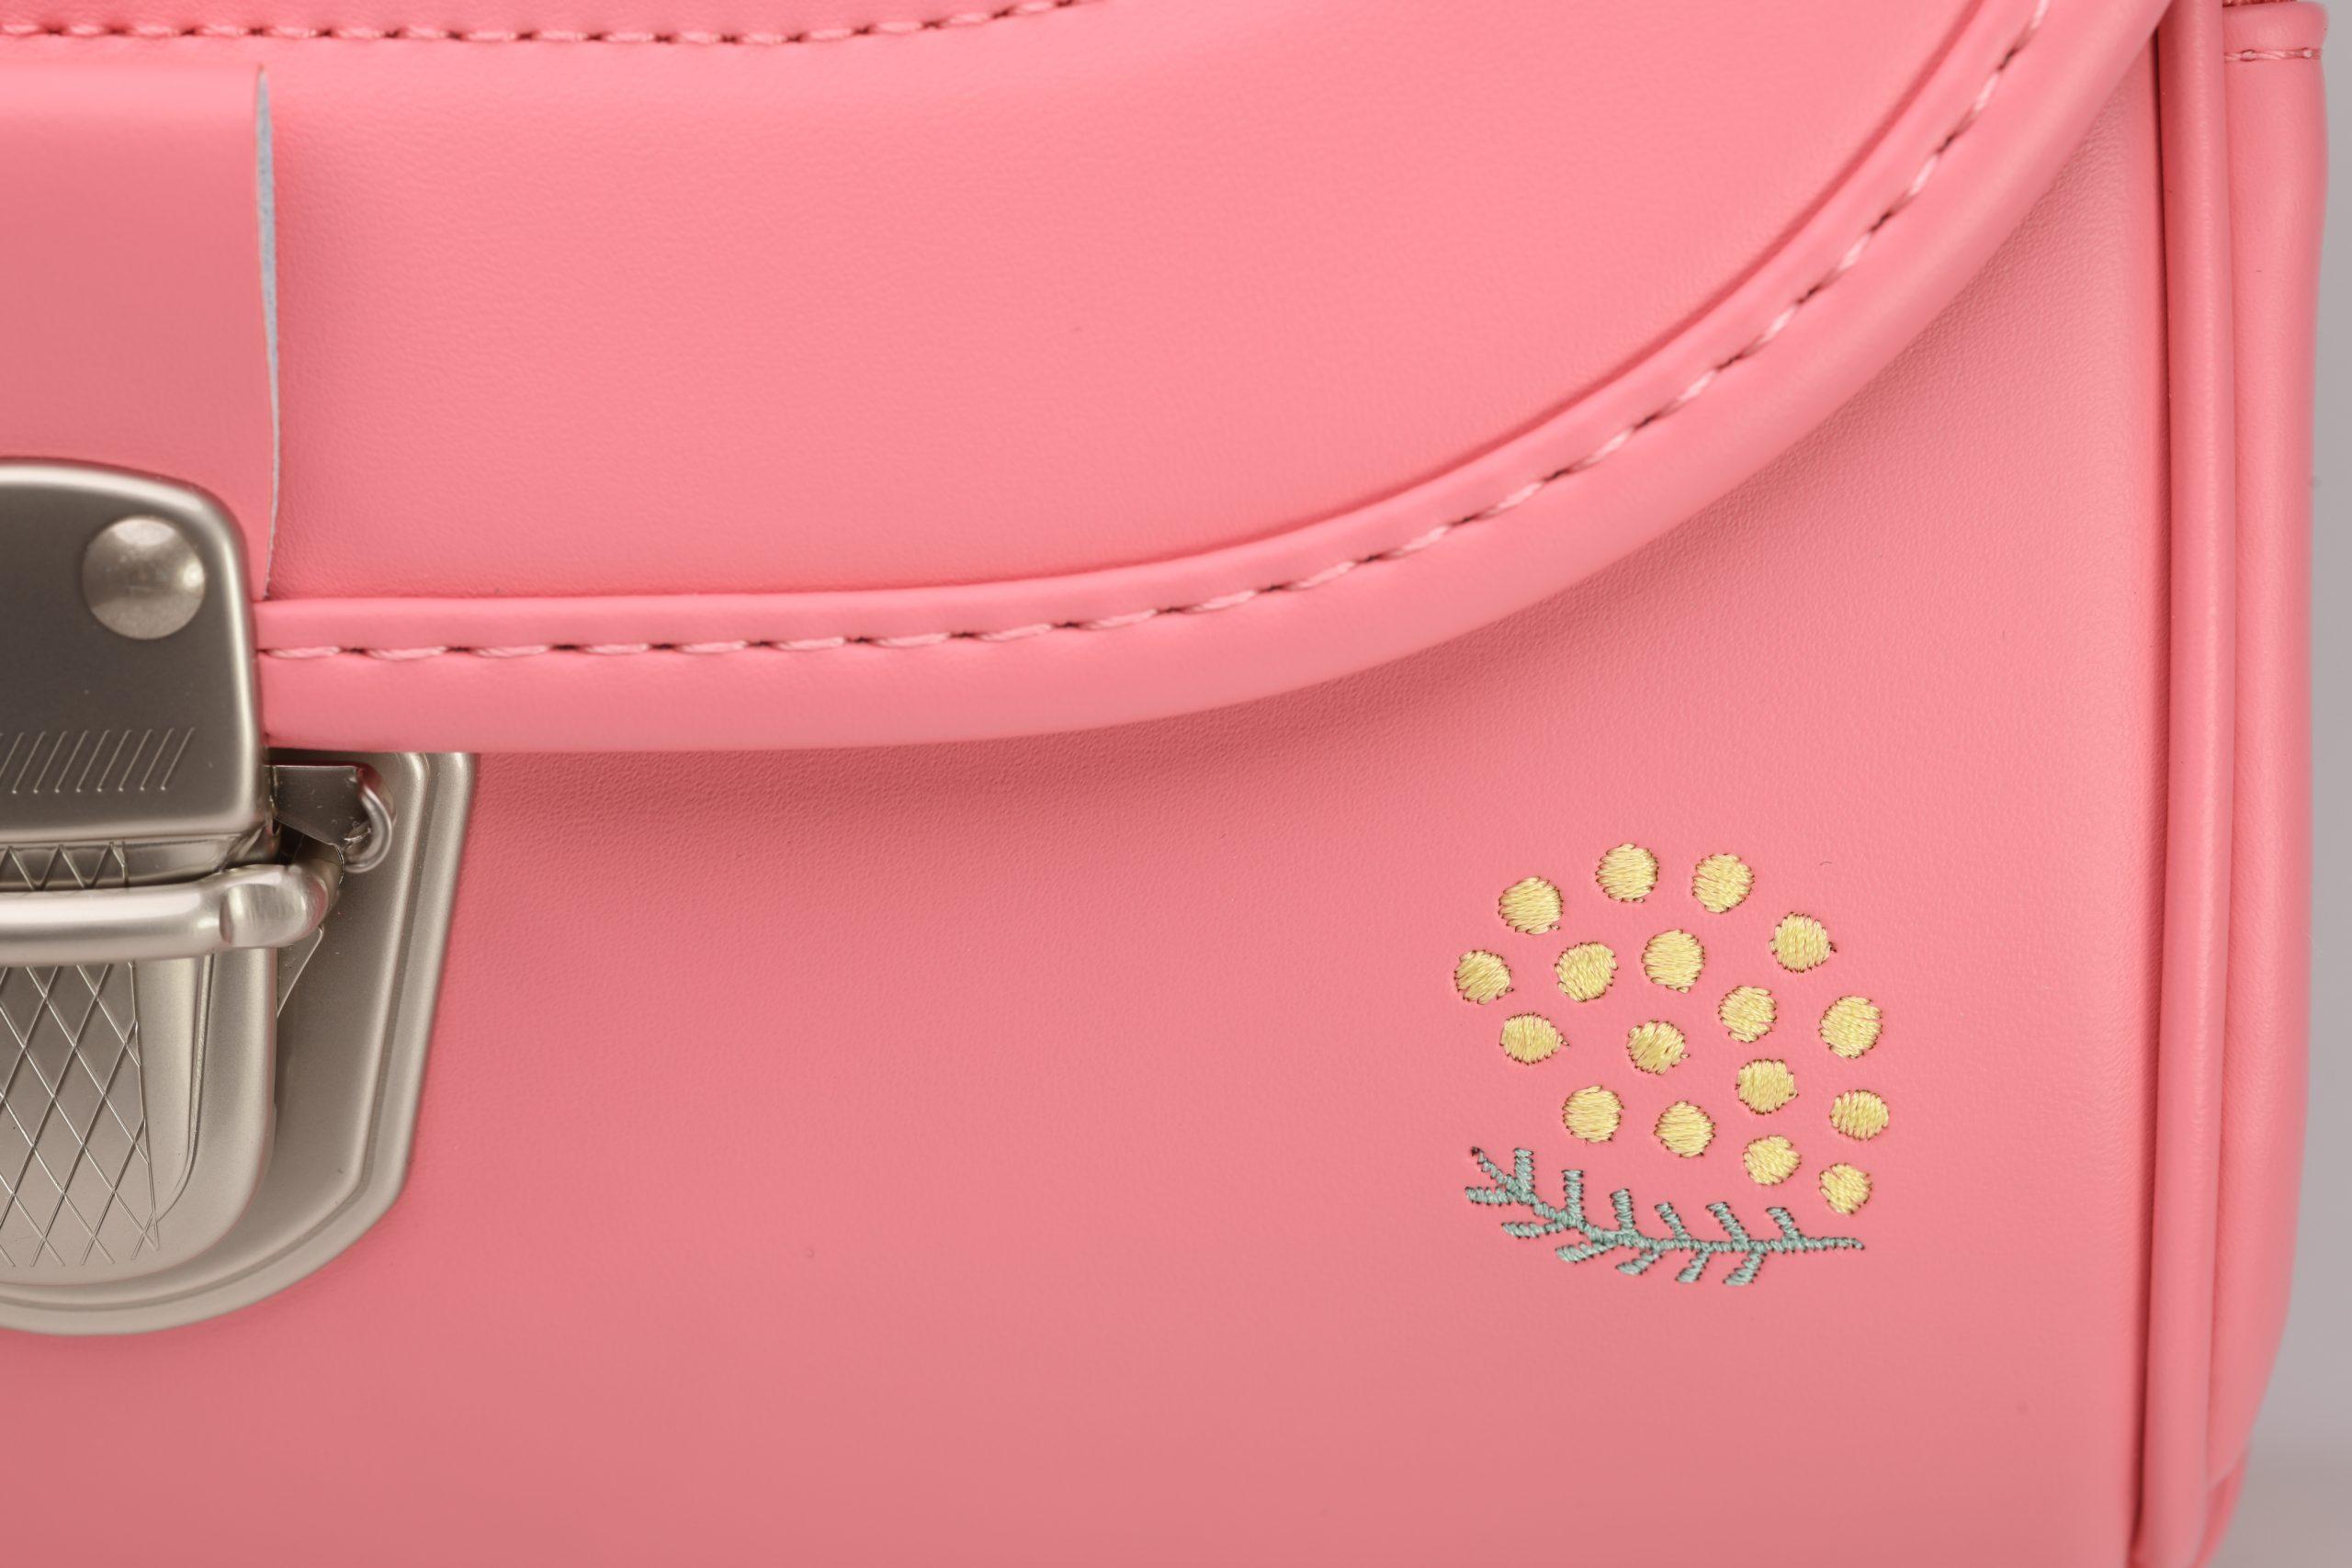 ピンクにあわせてデザインされた 「ミモザ」の ワンポイントの刺繍